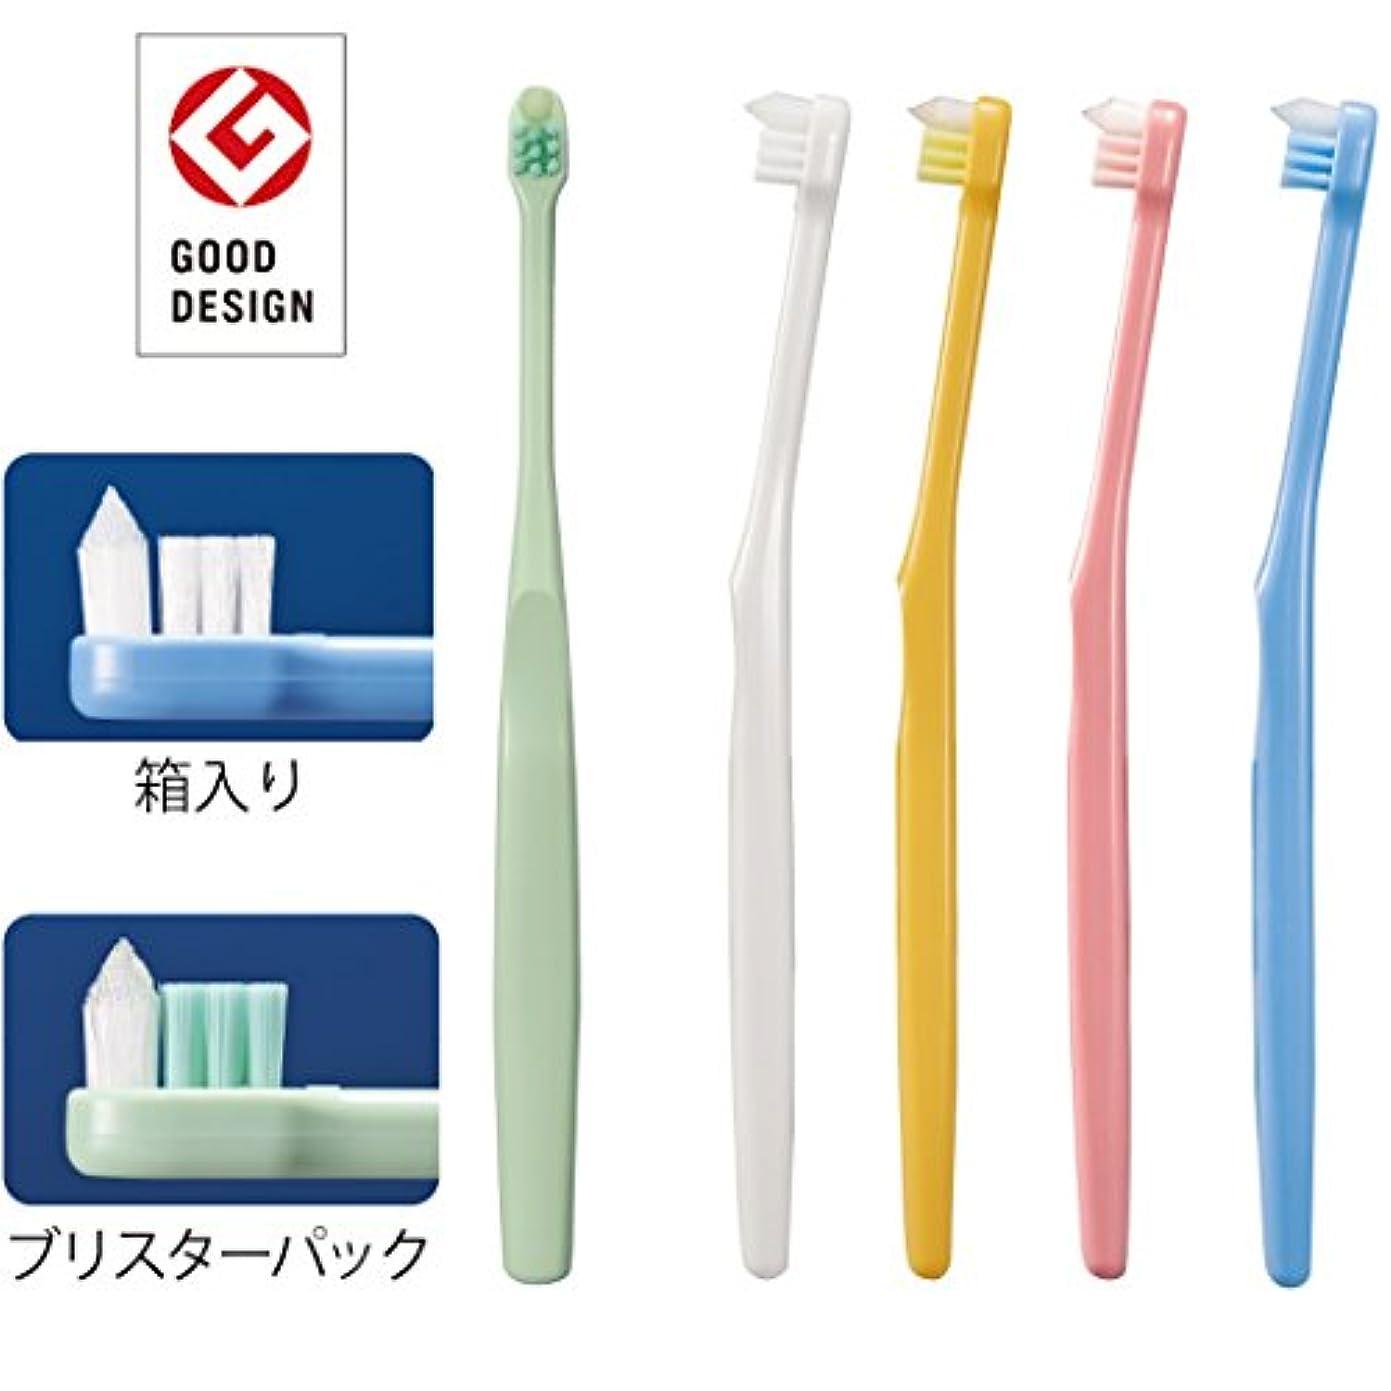 行許可まろやかな歯科医院専売 Ci ネオタフト M(ふつう) 6本 4色アソート